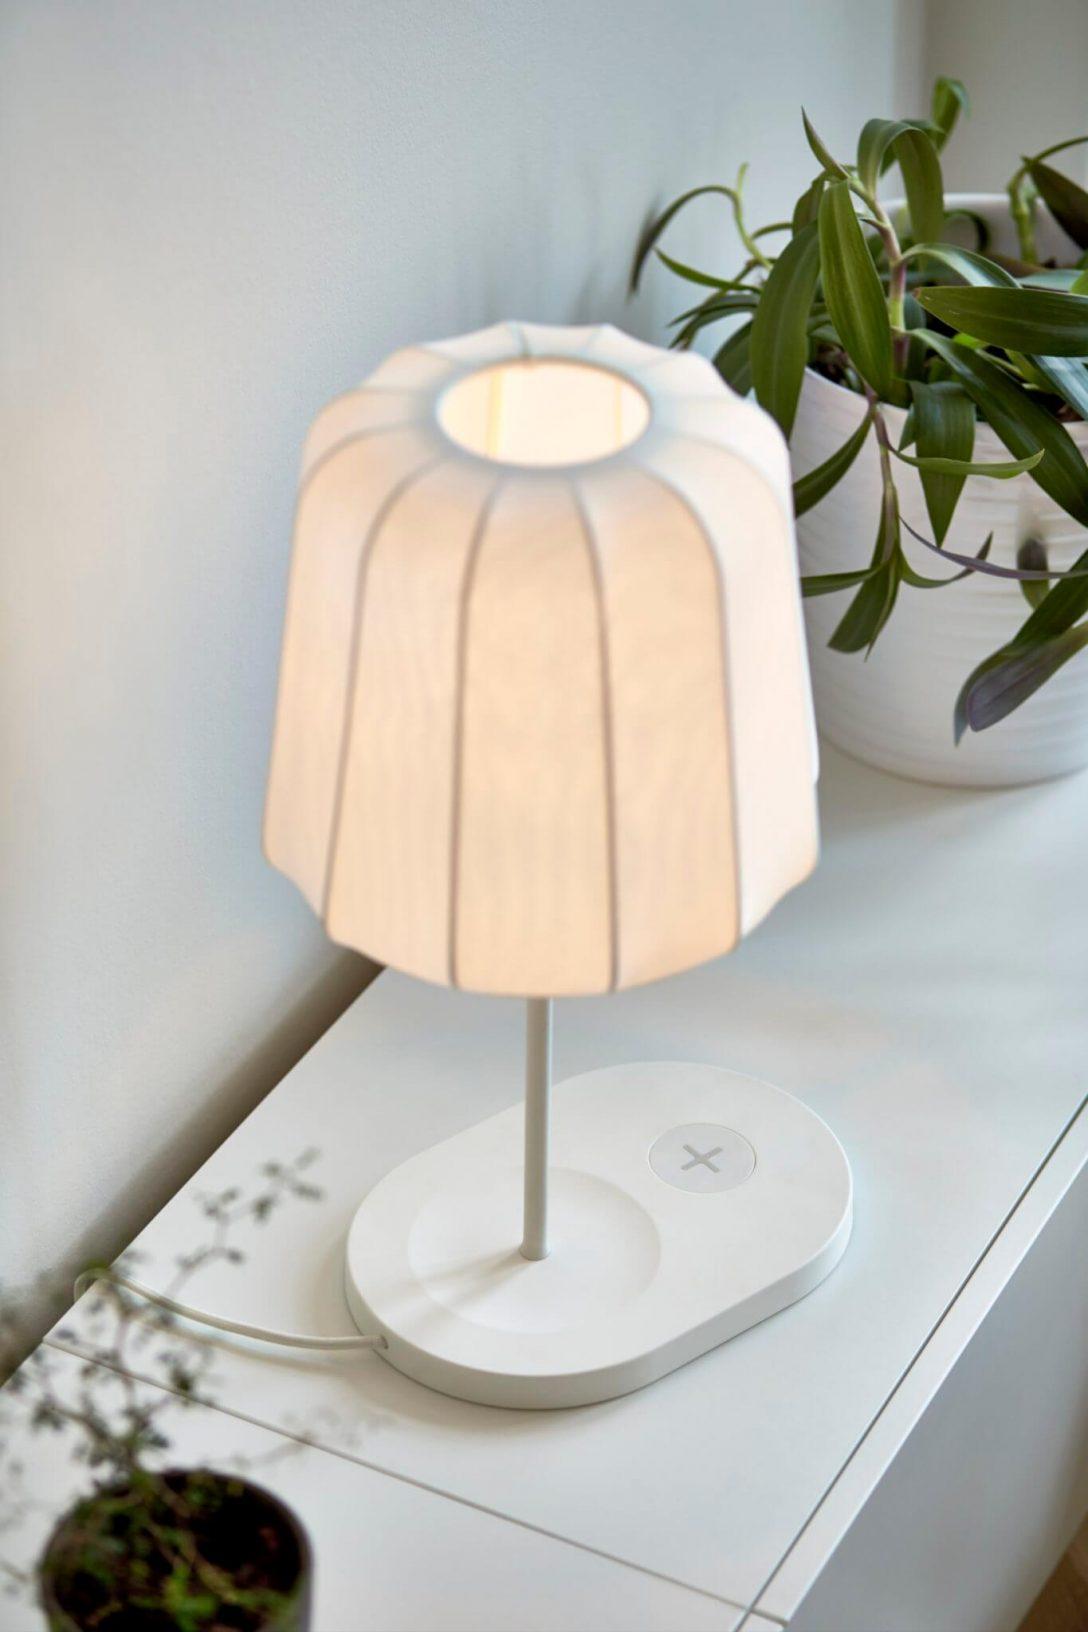 Large Size of Ikea Lampen Und Tische Mit Qi Ladegert Ab April Schlafzimmer Badezimmer Stehlampen Wohnzimmer Deckenlampen Für Modulküche Led Küche Kosten Esstisch Wohnzimmer Ikea Lampen